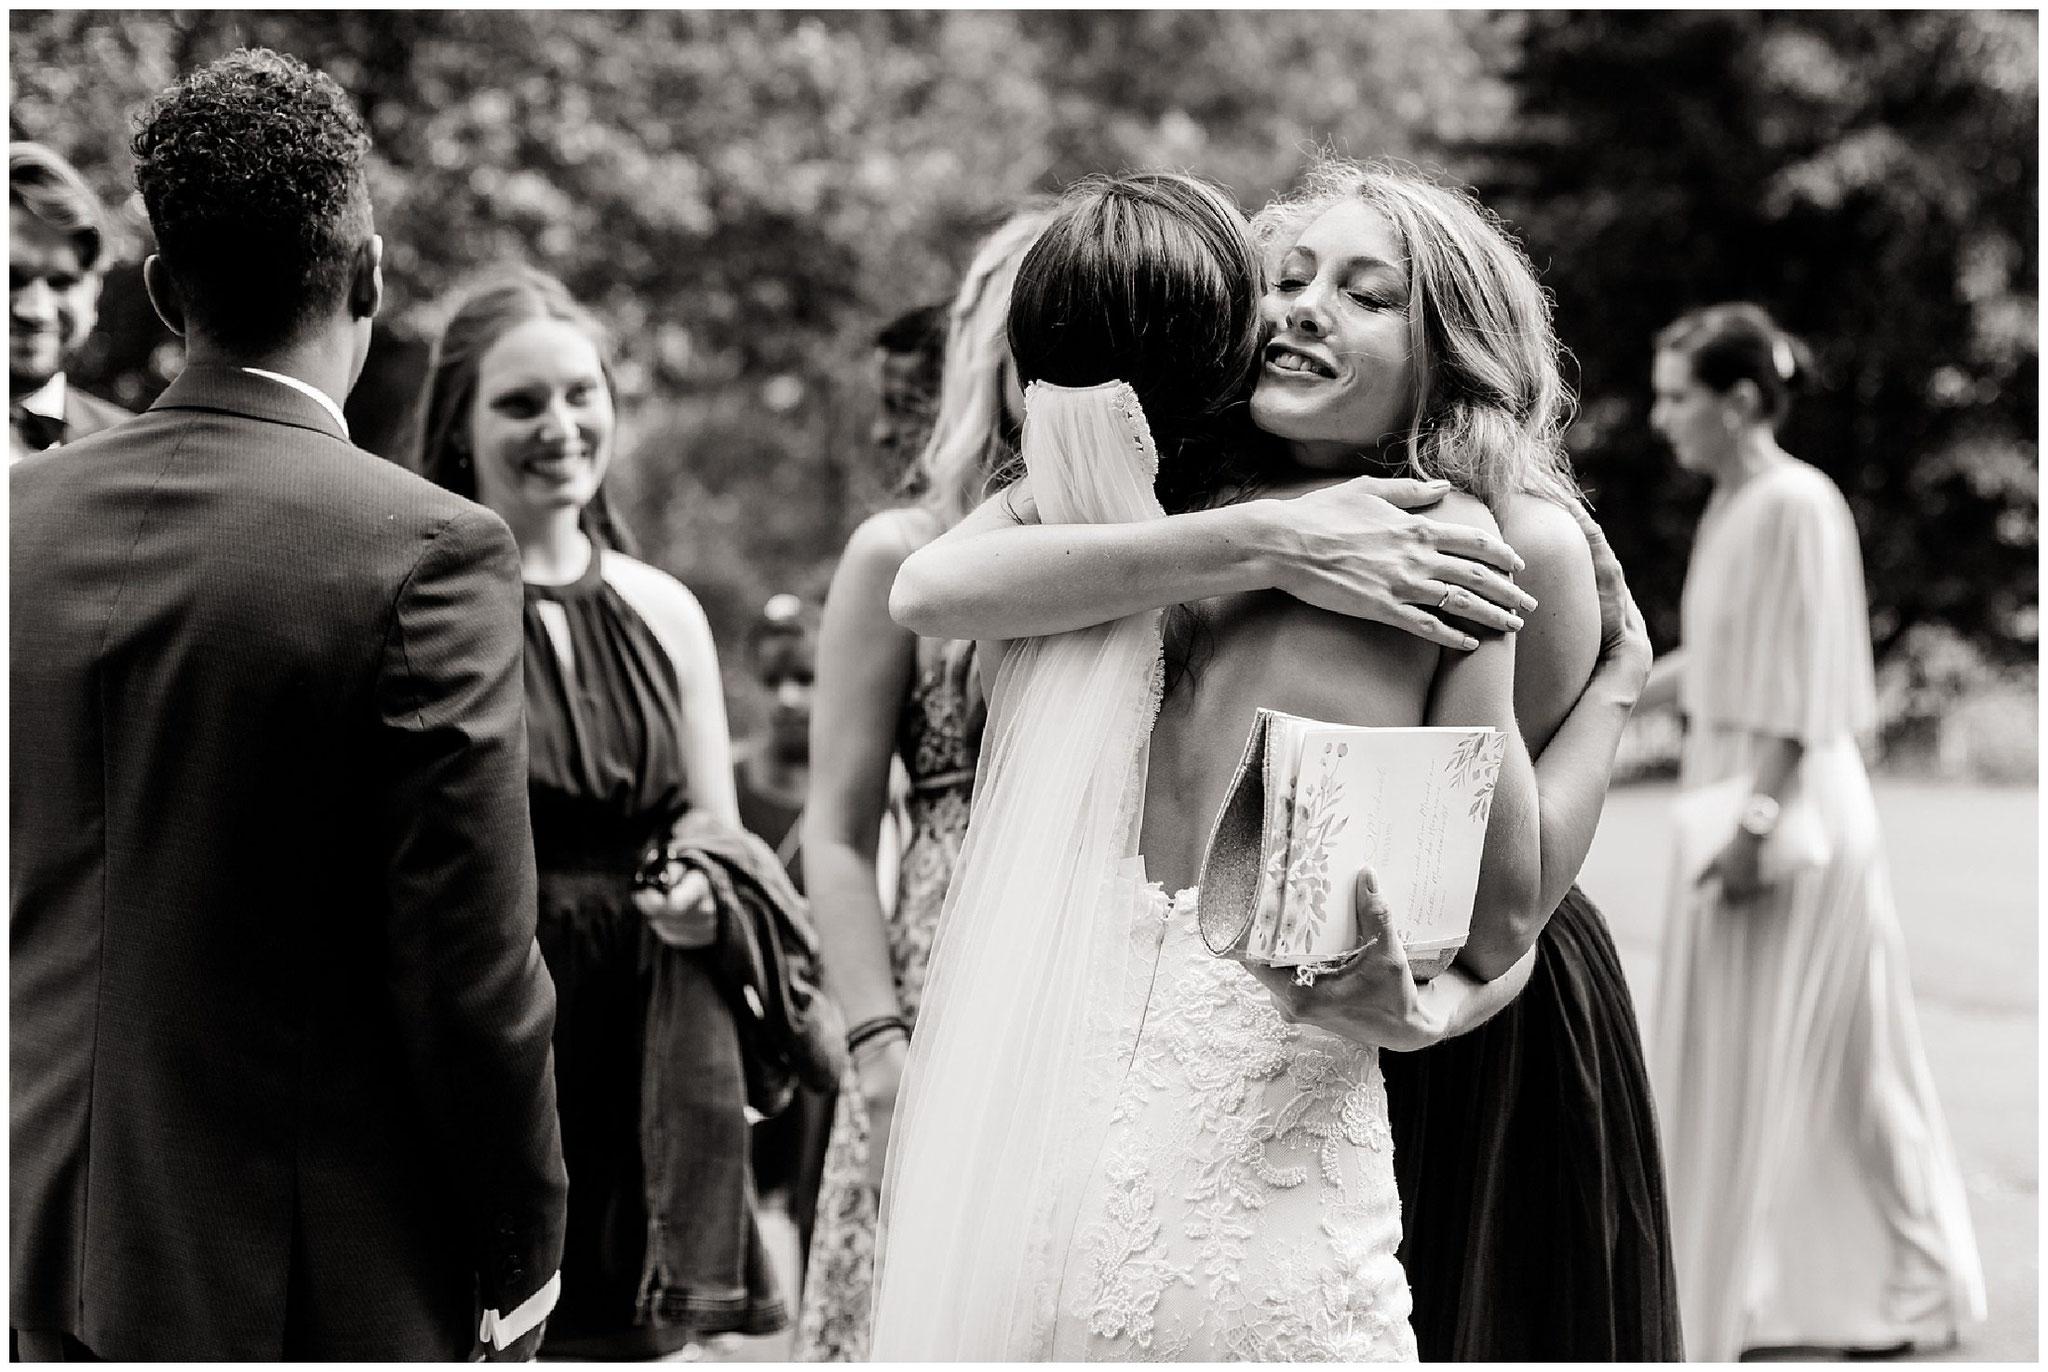 Trauzeugin umarmt braut hochzeitsfotograf Engelskirchen industrial chic hochzeit fine art wedding Galerie Hammerwerk jane weber